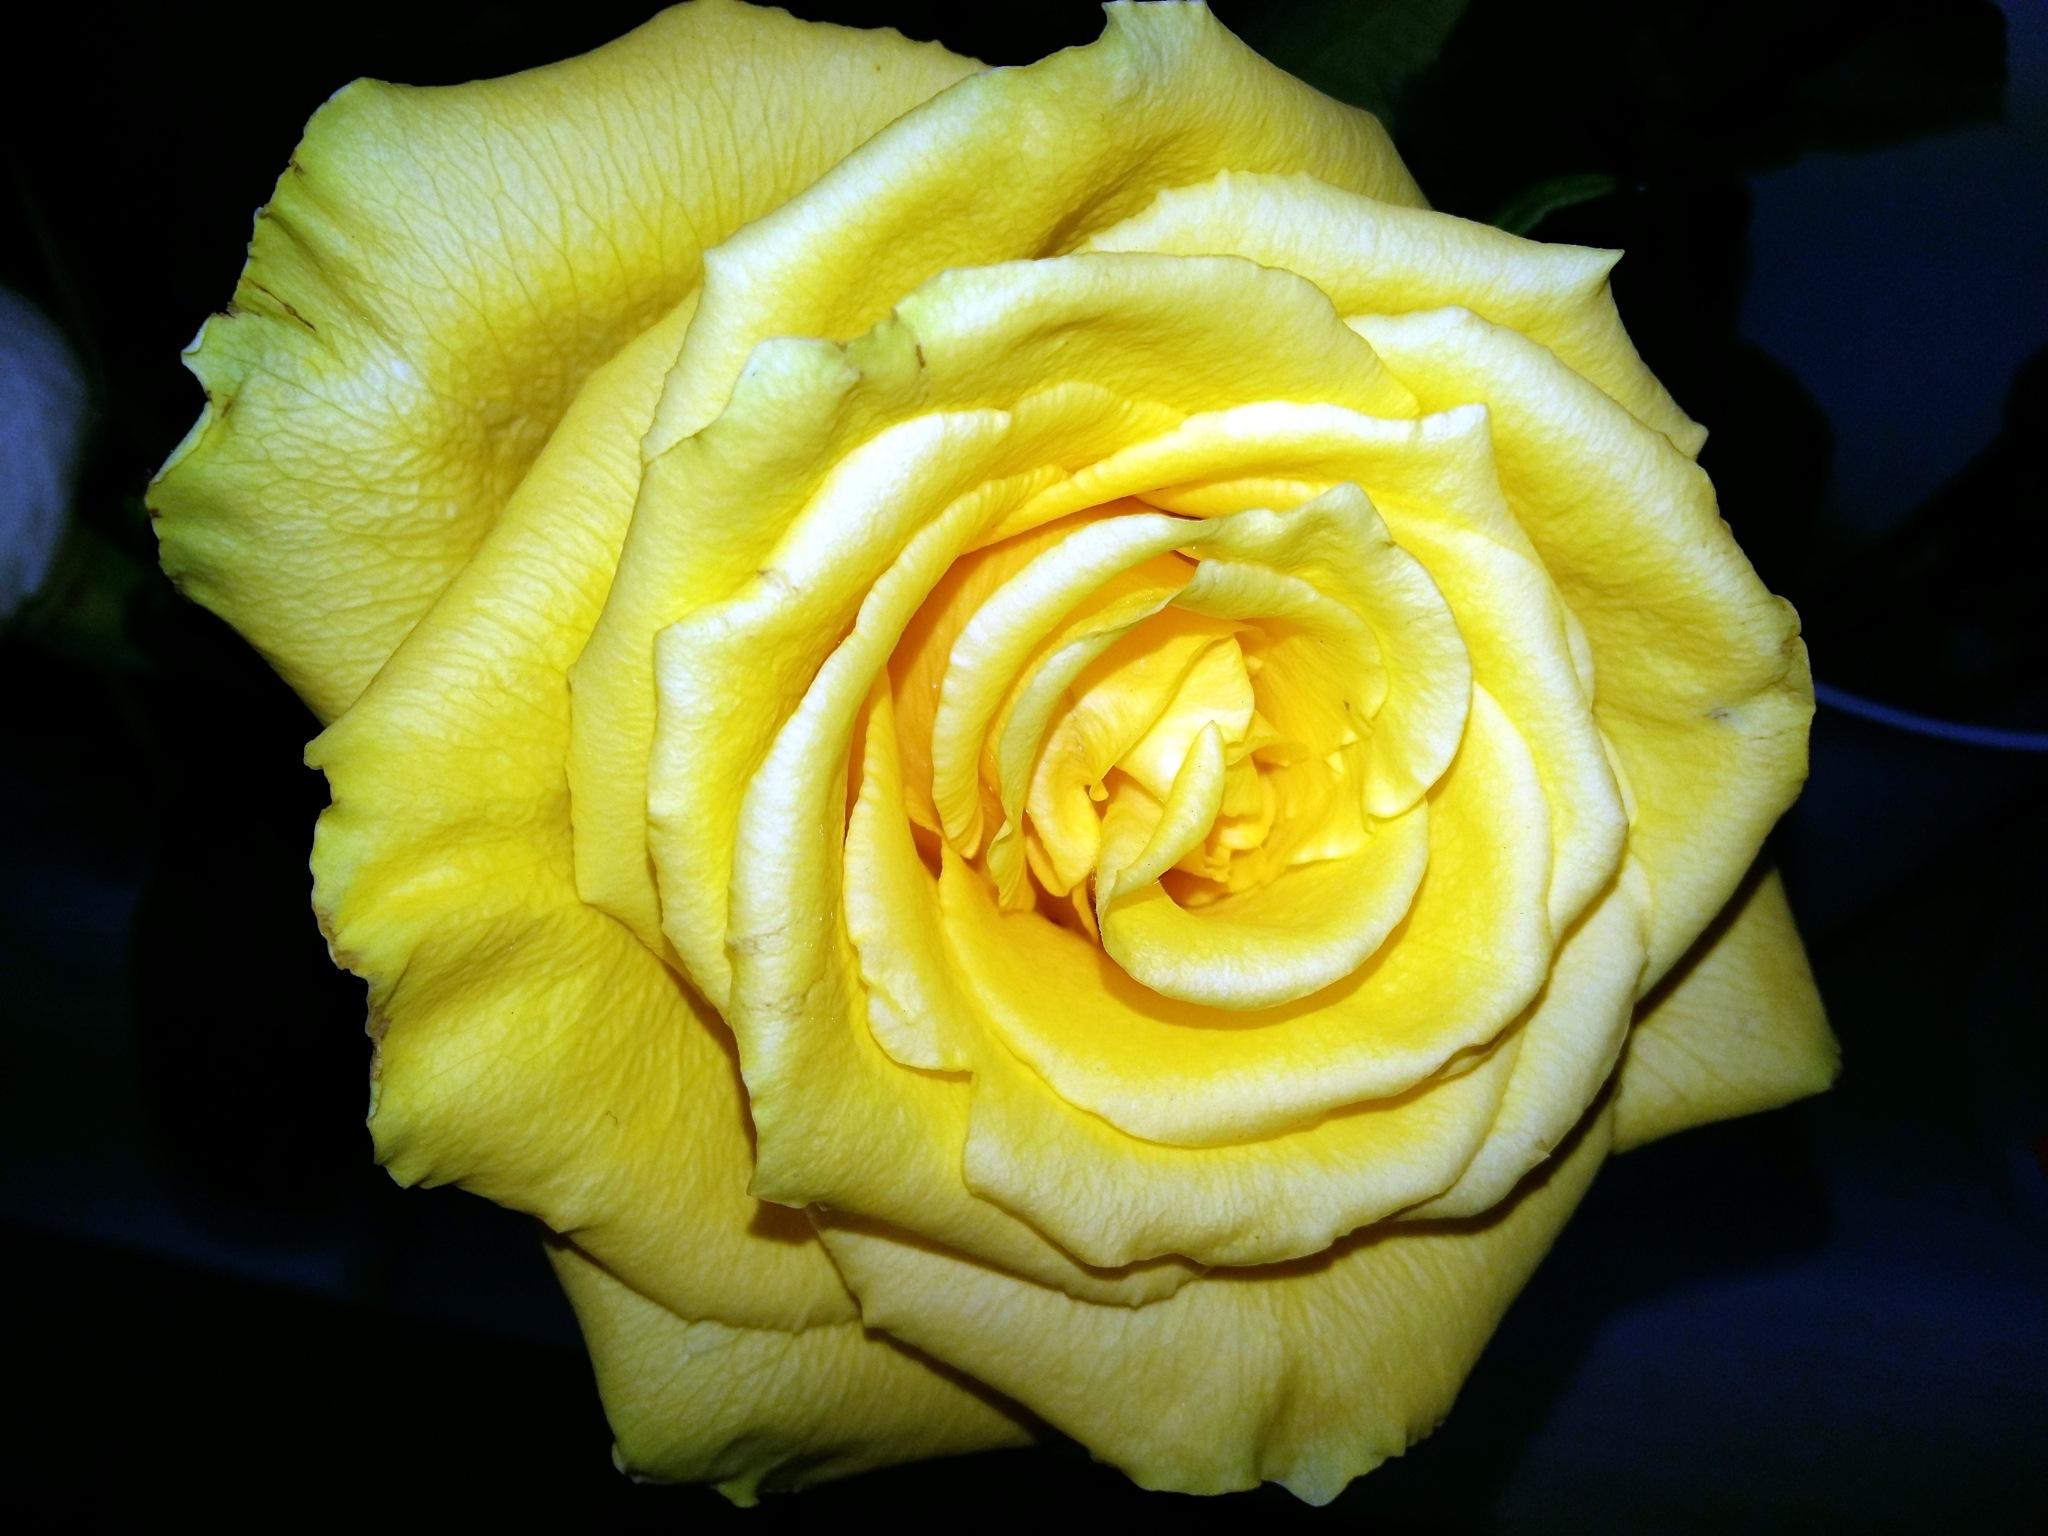 Yellow rose by uzkuraitiene62